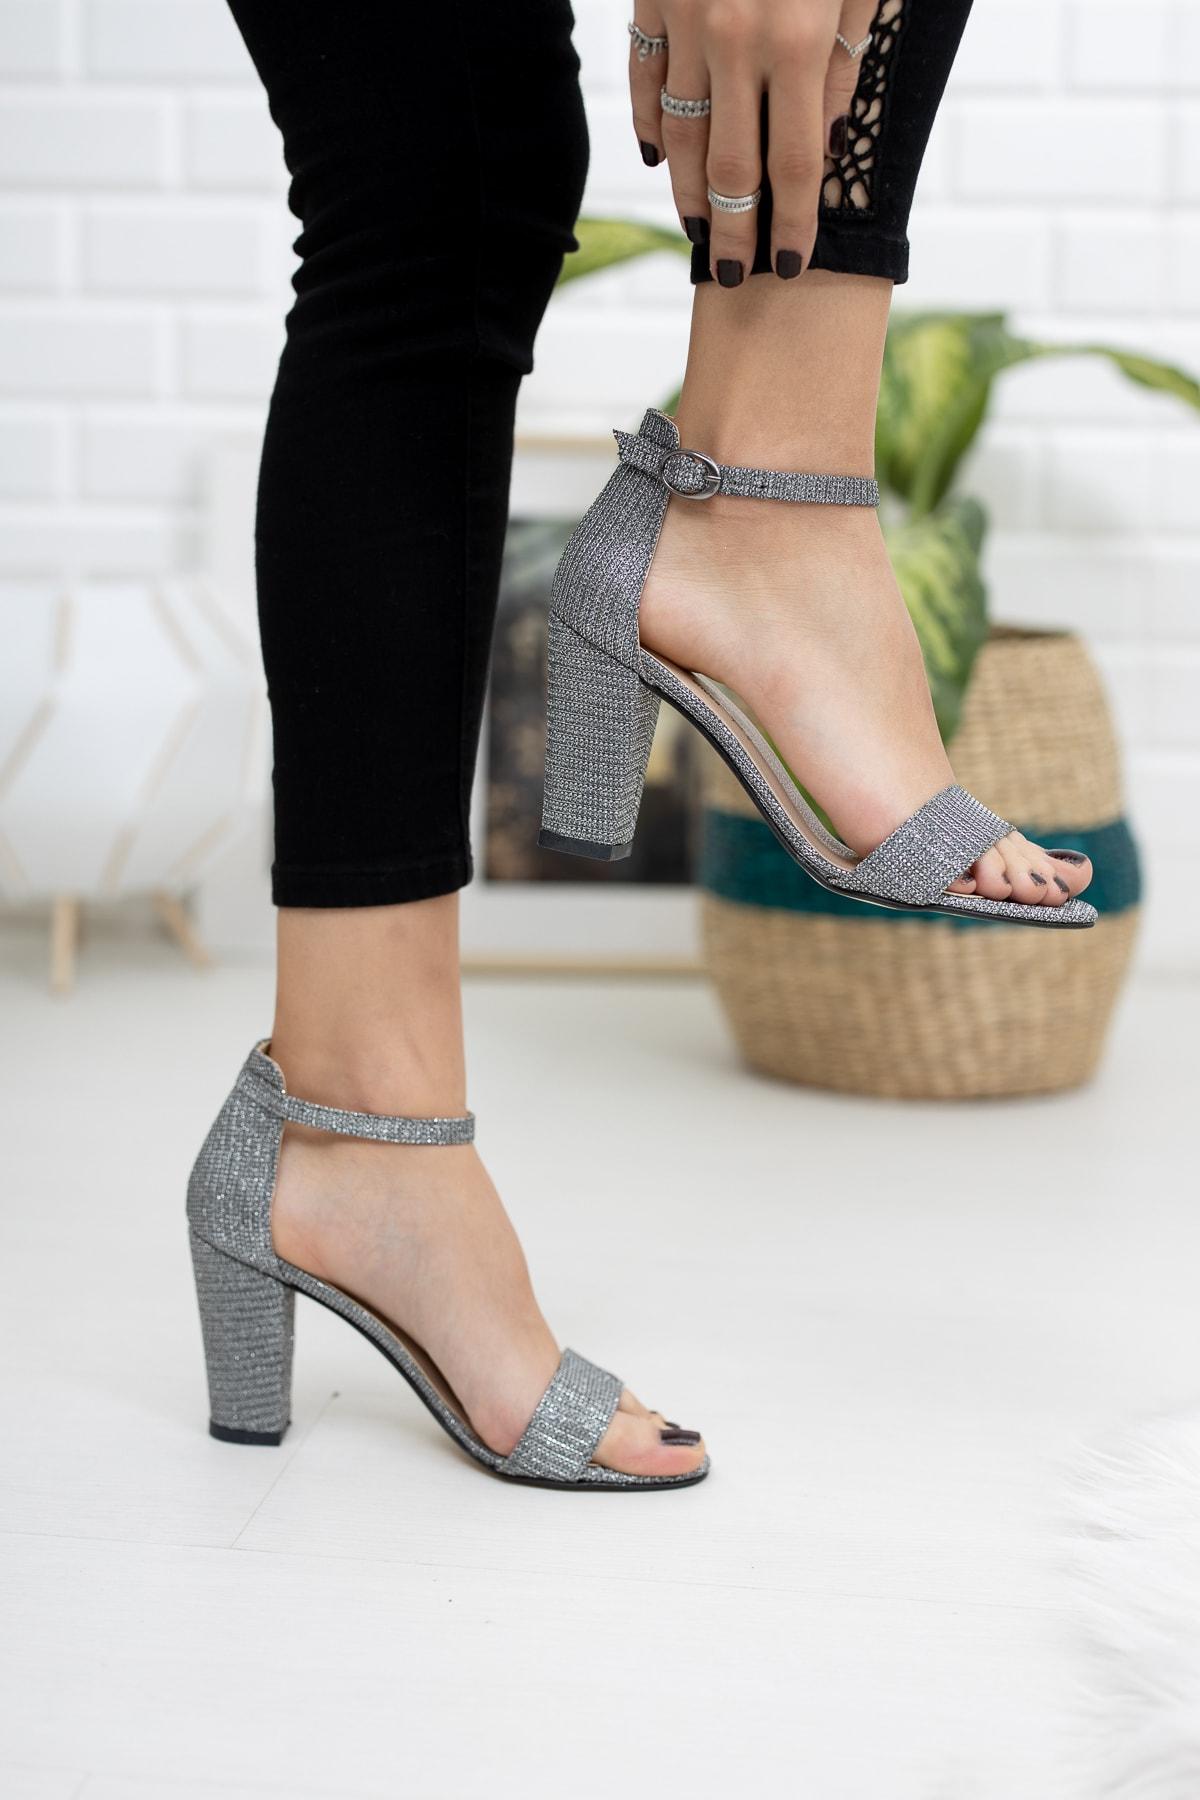 RANA SHOES Pilatin Kalın Topuklu Bilekten Bağlı Kadın Ayakkabı